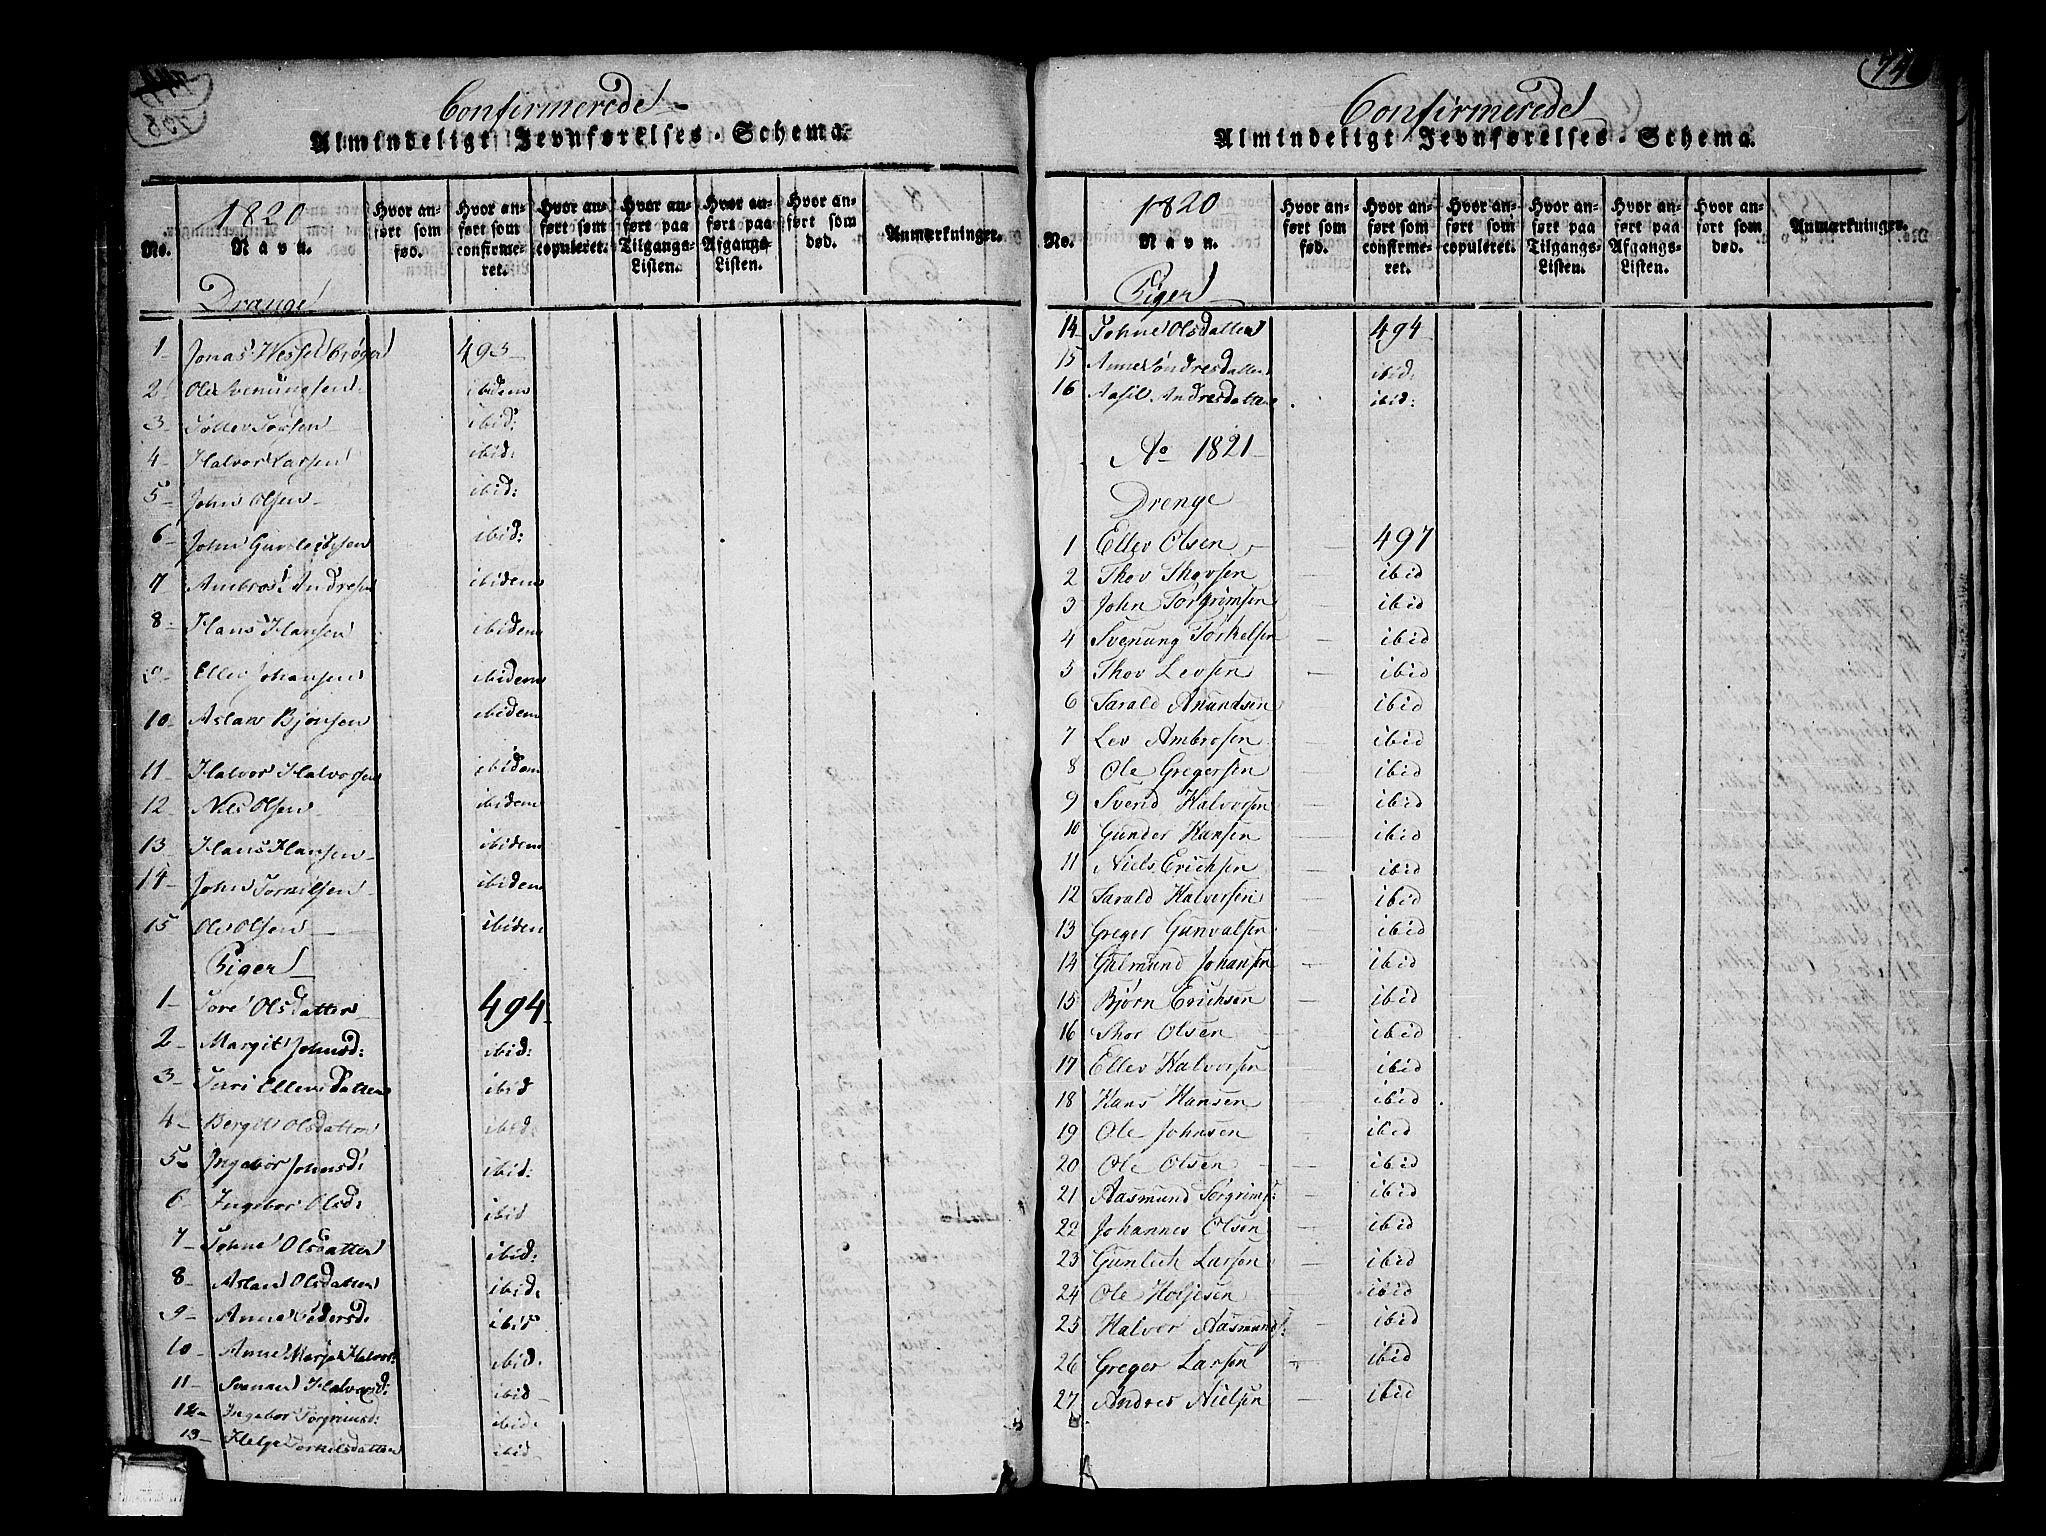 SAKO, Heddal kirkebøker, F/Fa/L0005: Ministerialbok nr. I 5, 1814-1837, s. 739-740